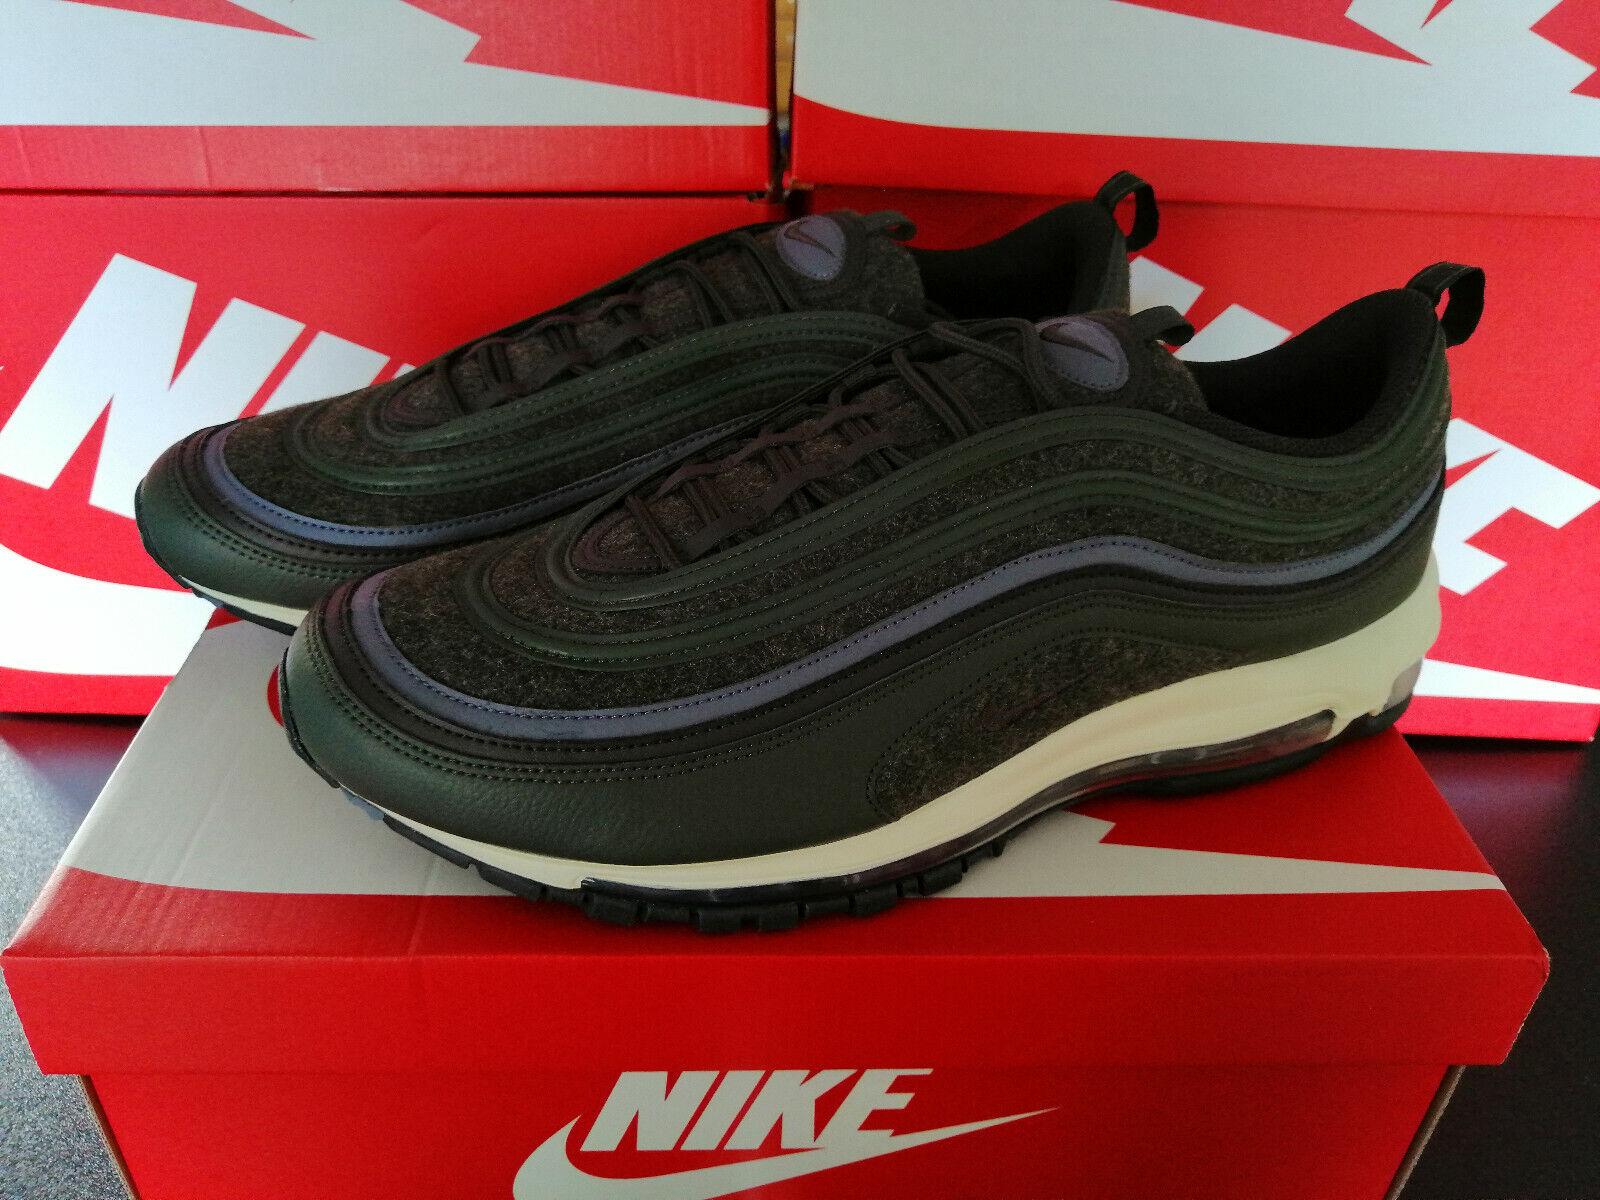 Nike Air Max 97 Wool Sequoia EU 49.5 US 15 2595eb yoiqmu